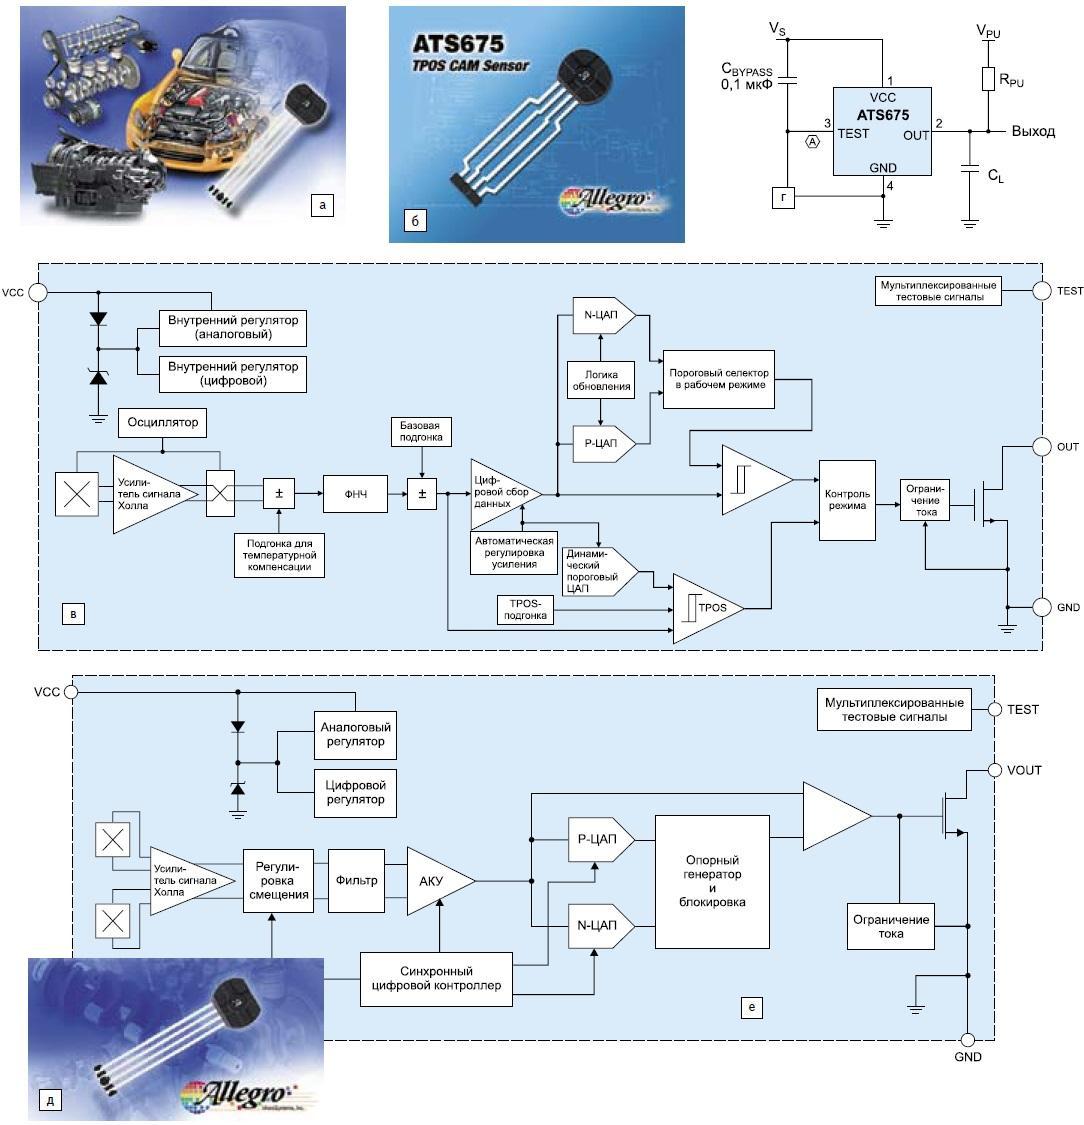 Автомобильные датчики зубчатого ротора от Allegro MicroSystems